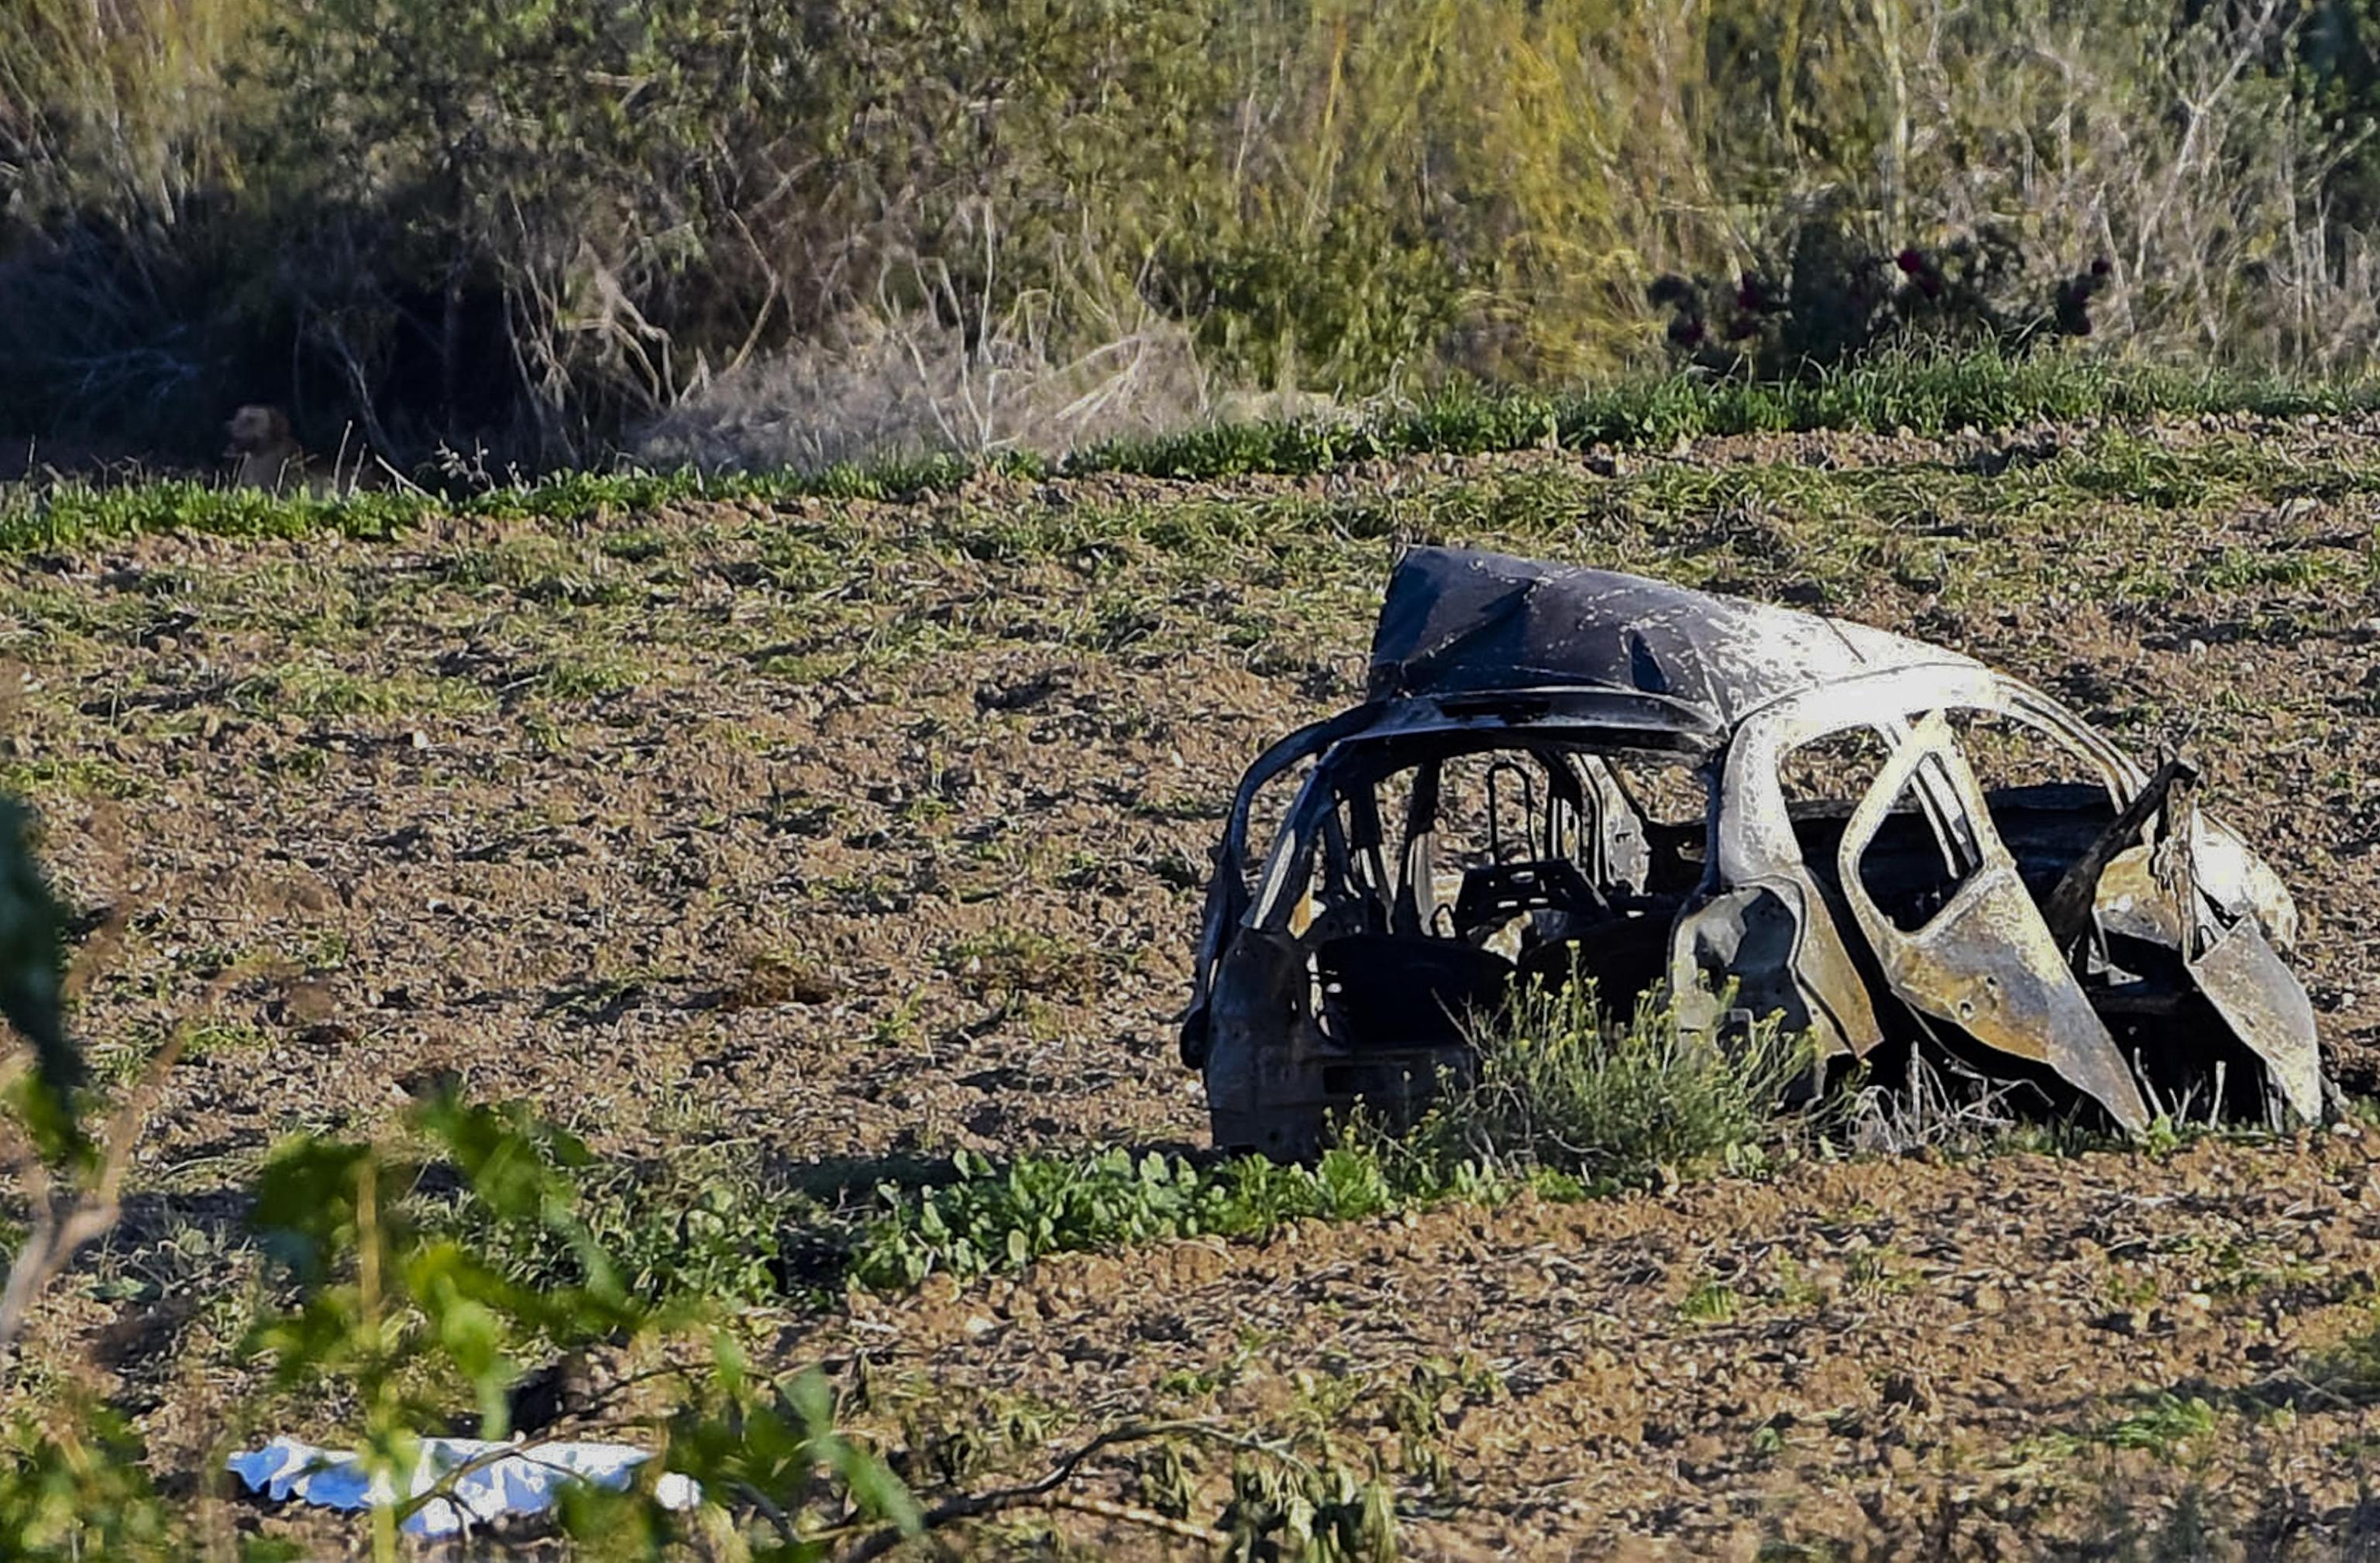 Malta, autobomba uccide la giornalista Daphne Caruana Galizia: indagava sulla corruzione